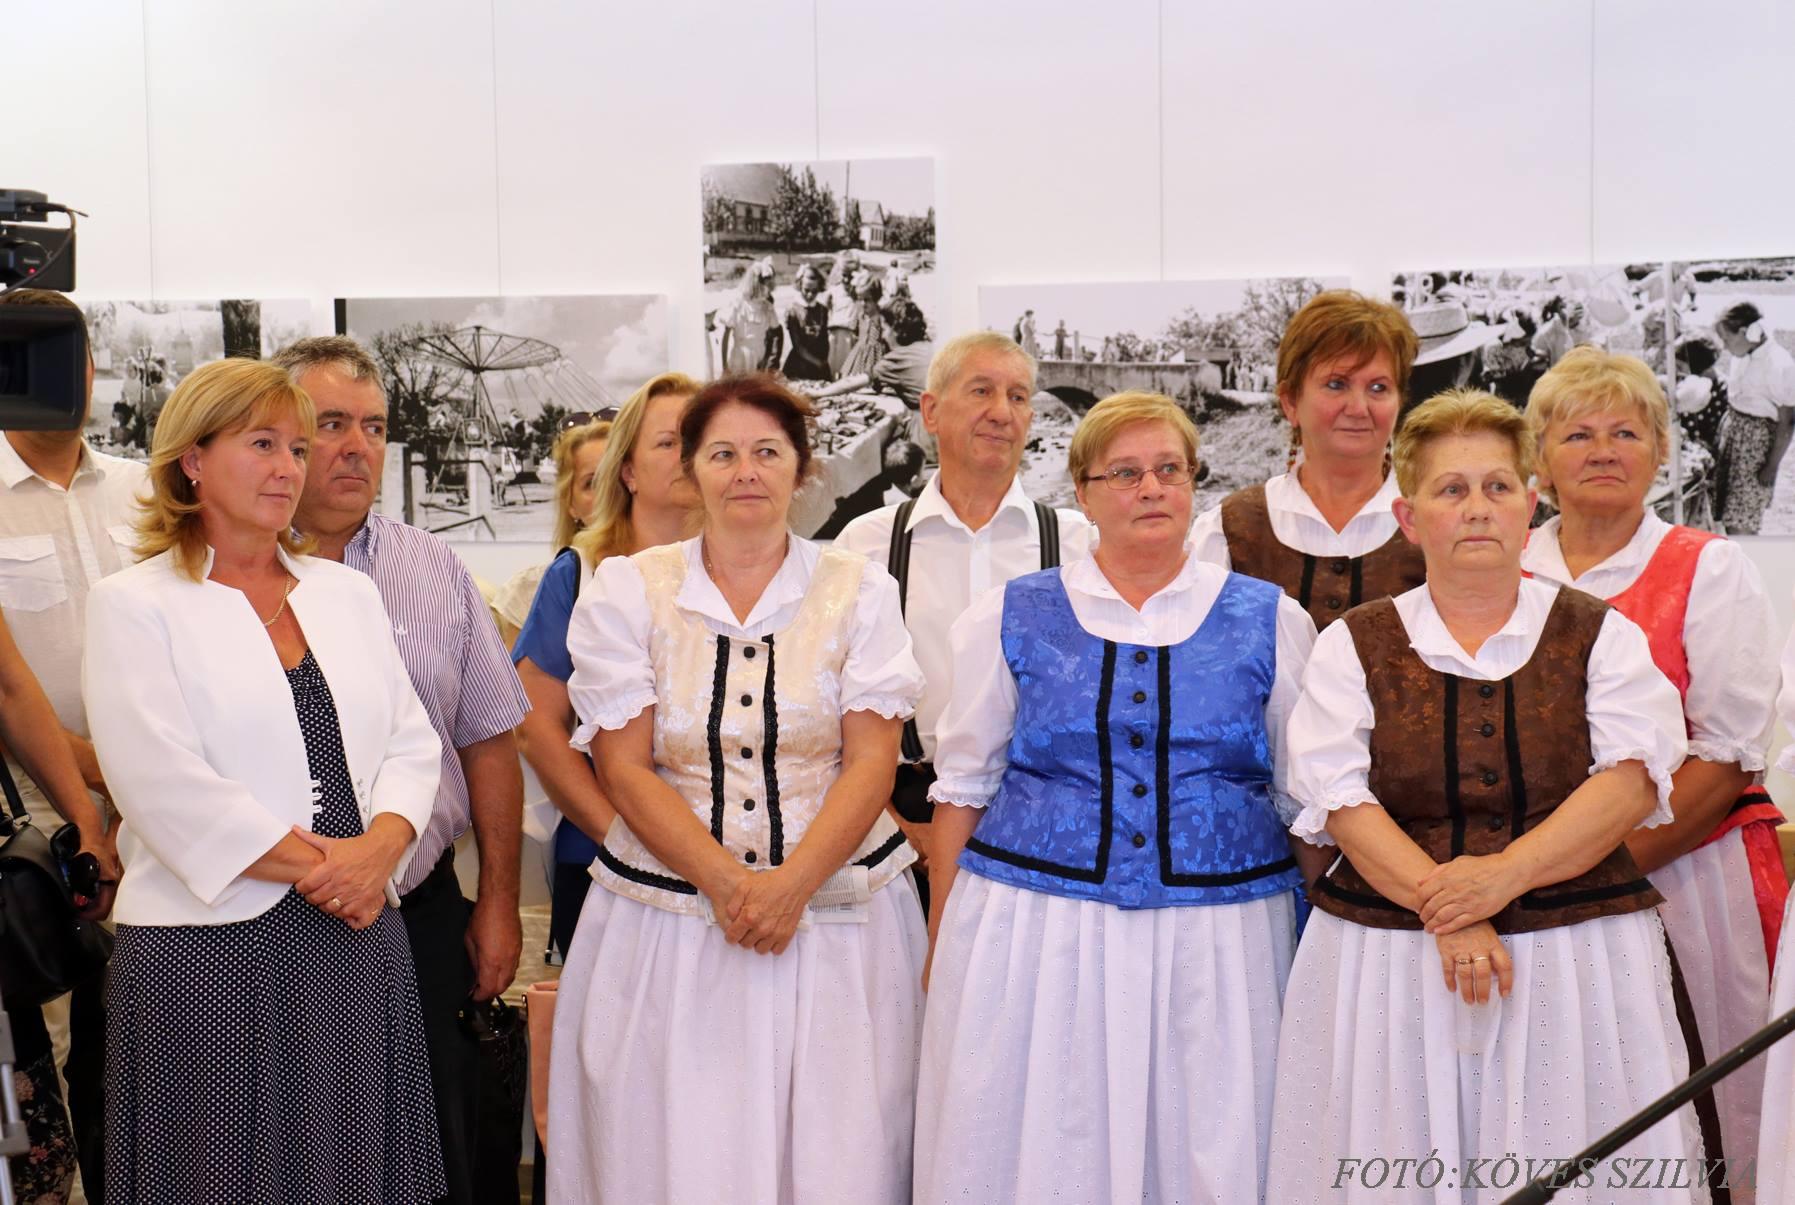 Kiszelné Mohos Katalin polgármesterasszony és a tánccsoport, a búcsúra elkészült új viseleteben